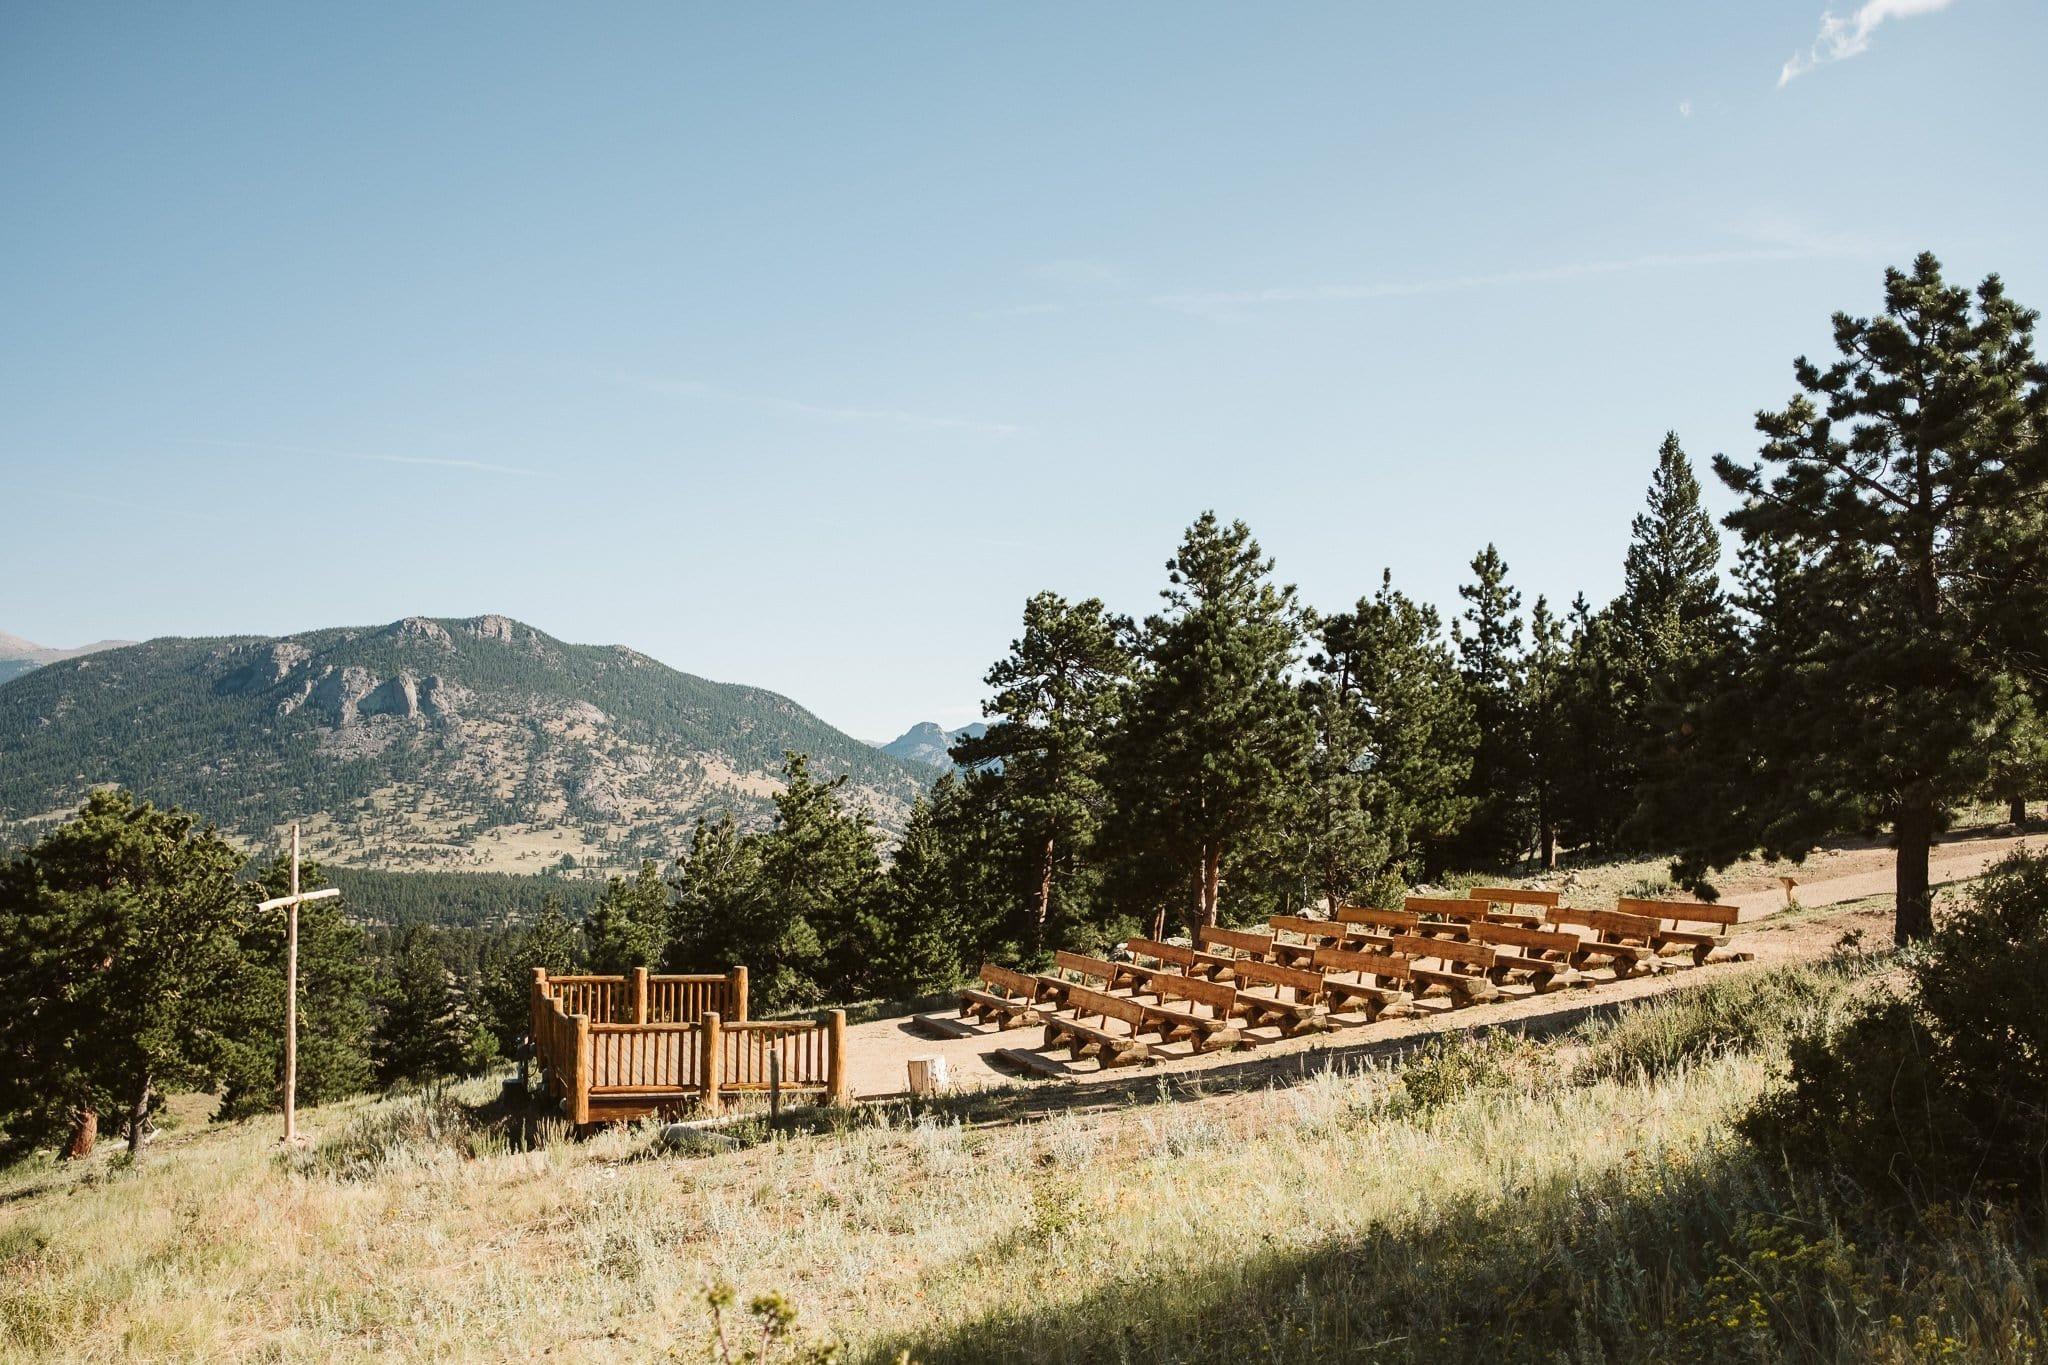 YMCA of the Rockies Estes Park wedding venue, outdoor ceremony venue with cross